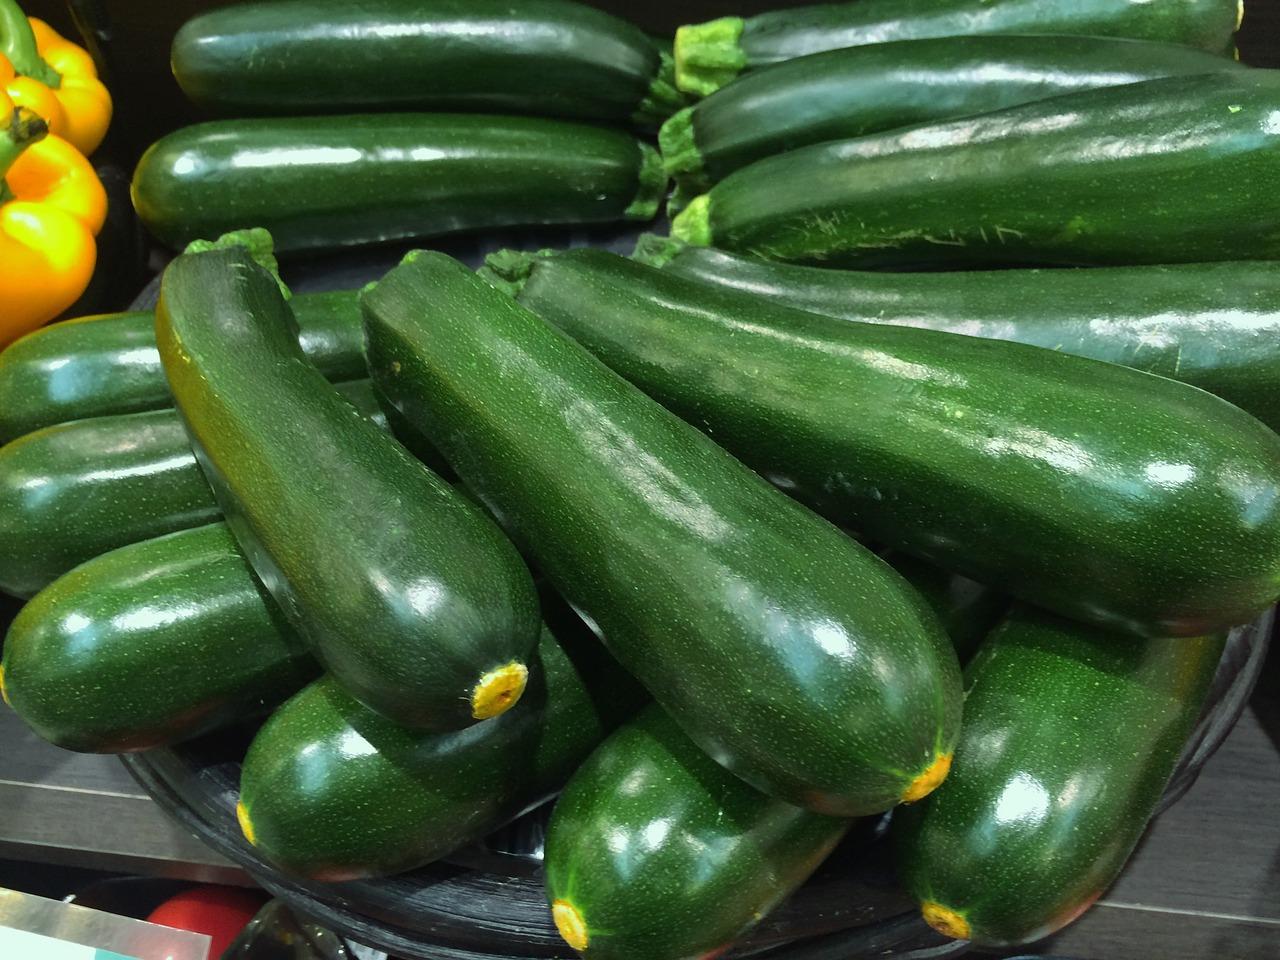 zucchini 1630518 1280 - 女がオナニーによく使う野菜ランキングTOP6